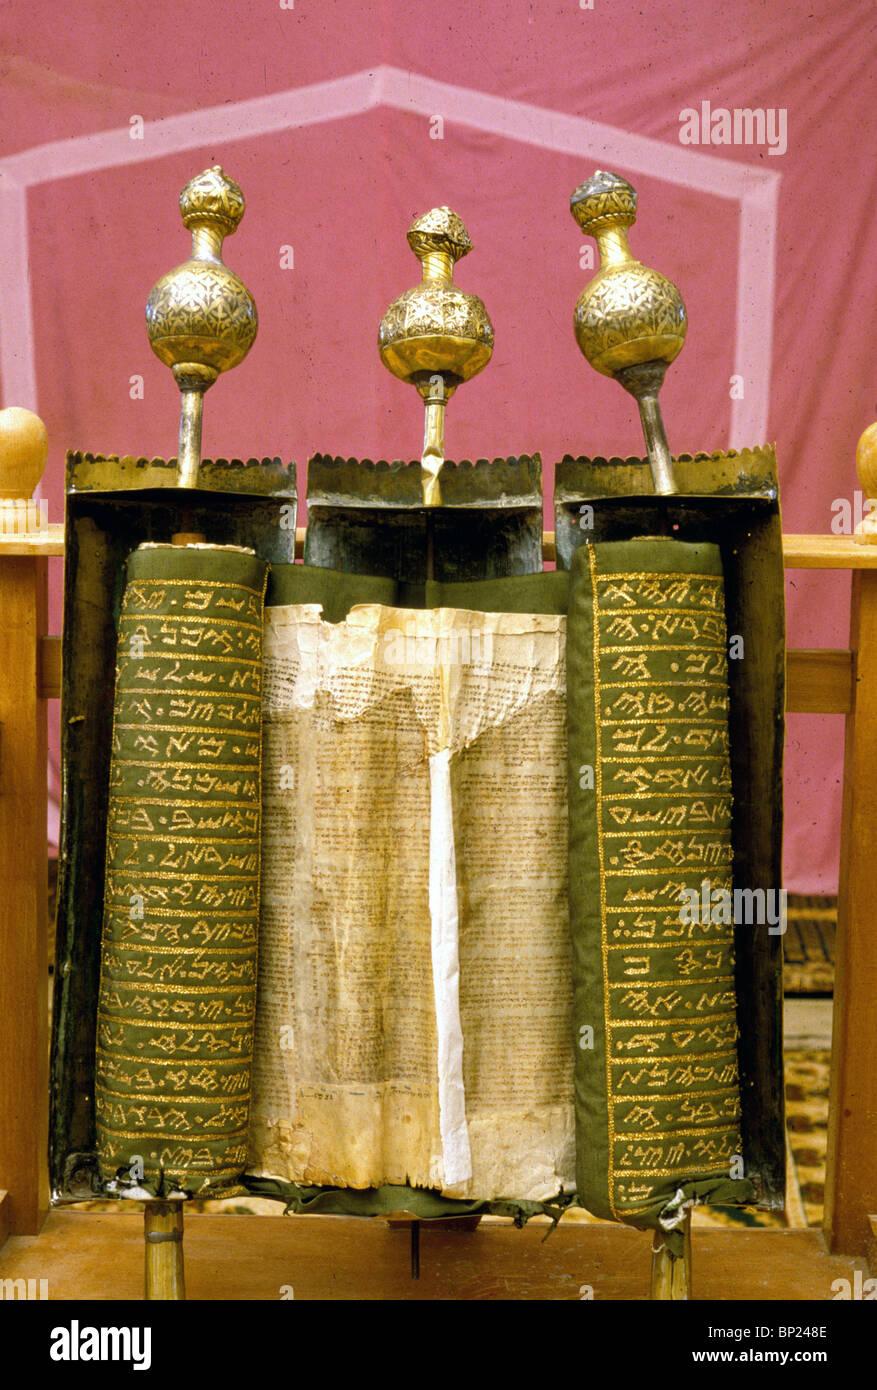 431. Le Pentateuque samaritain défiler dans son logement d'argent décoré spécialement datant du 17ème. C. Banque D'Images